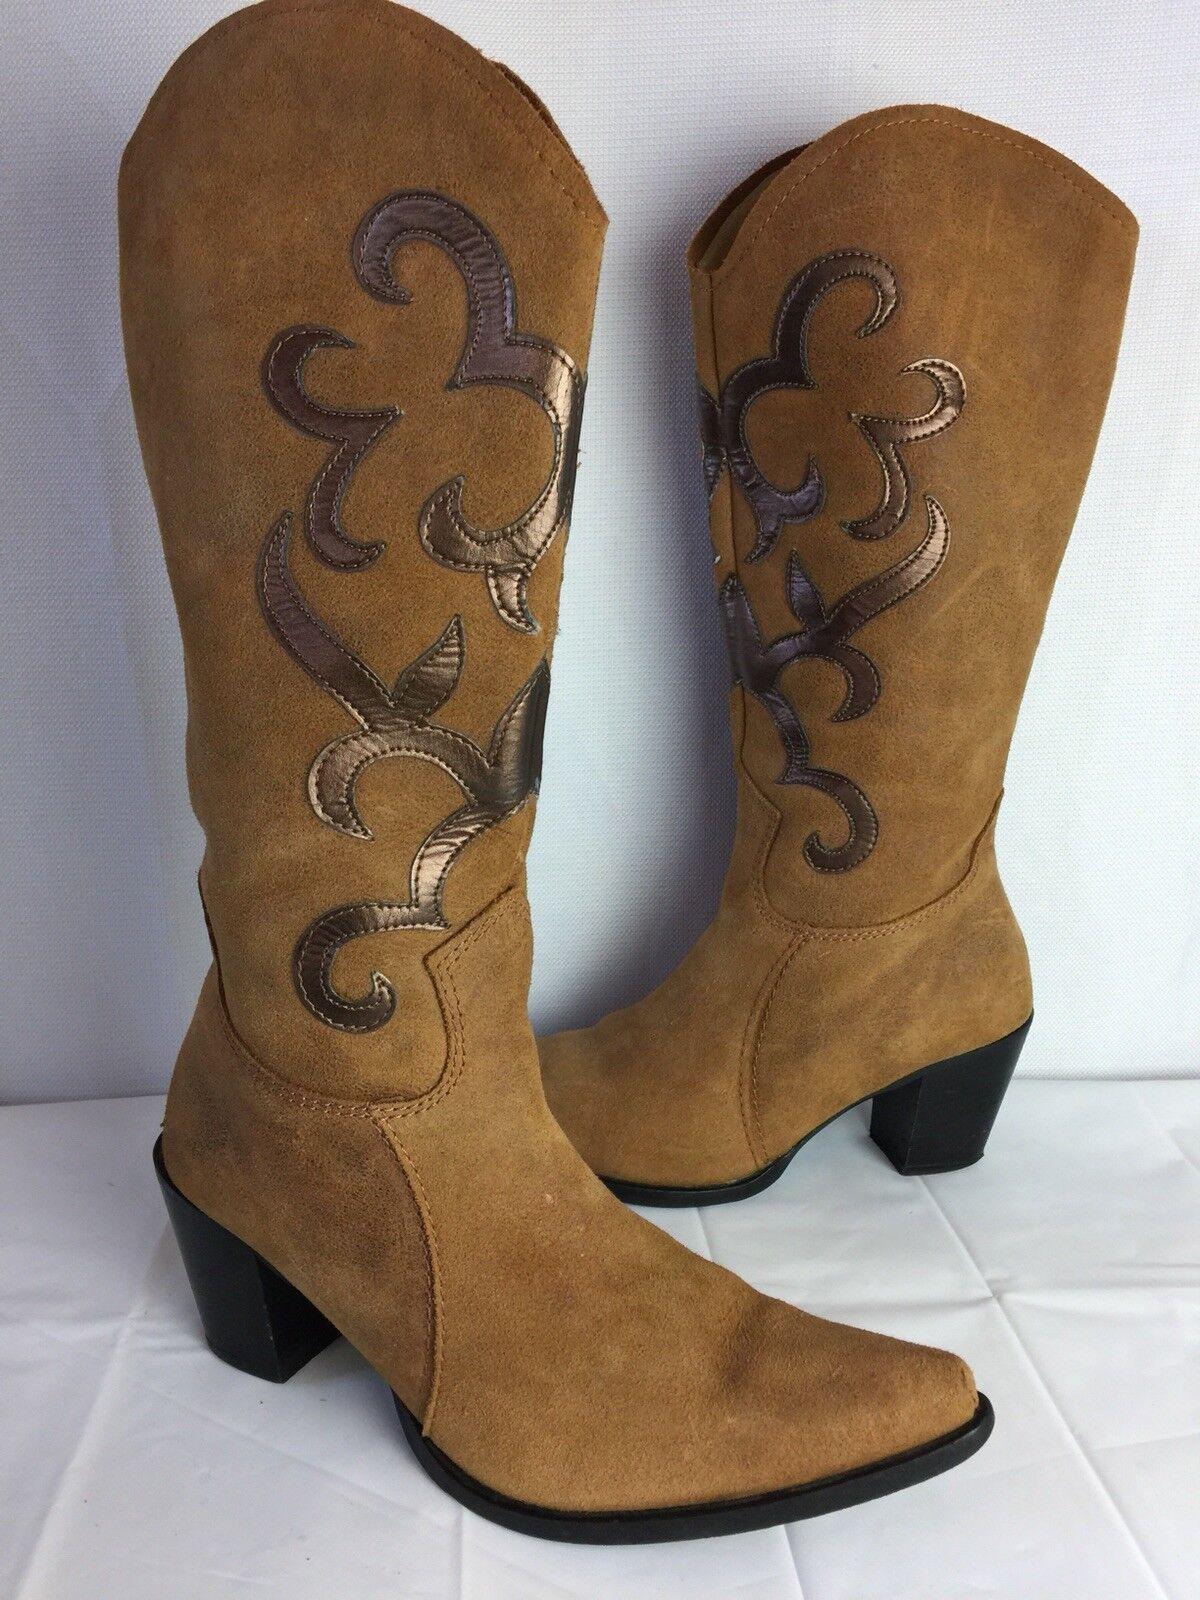 Nine Gamuza West Western Cowboy Gamuza Nine Cuero, Marrón Bronceado bronce, botas para mujer Talla 37 6.5 b2d94e